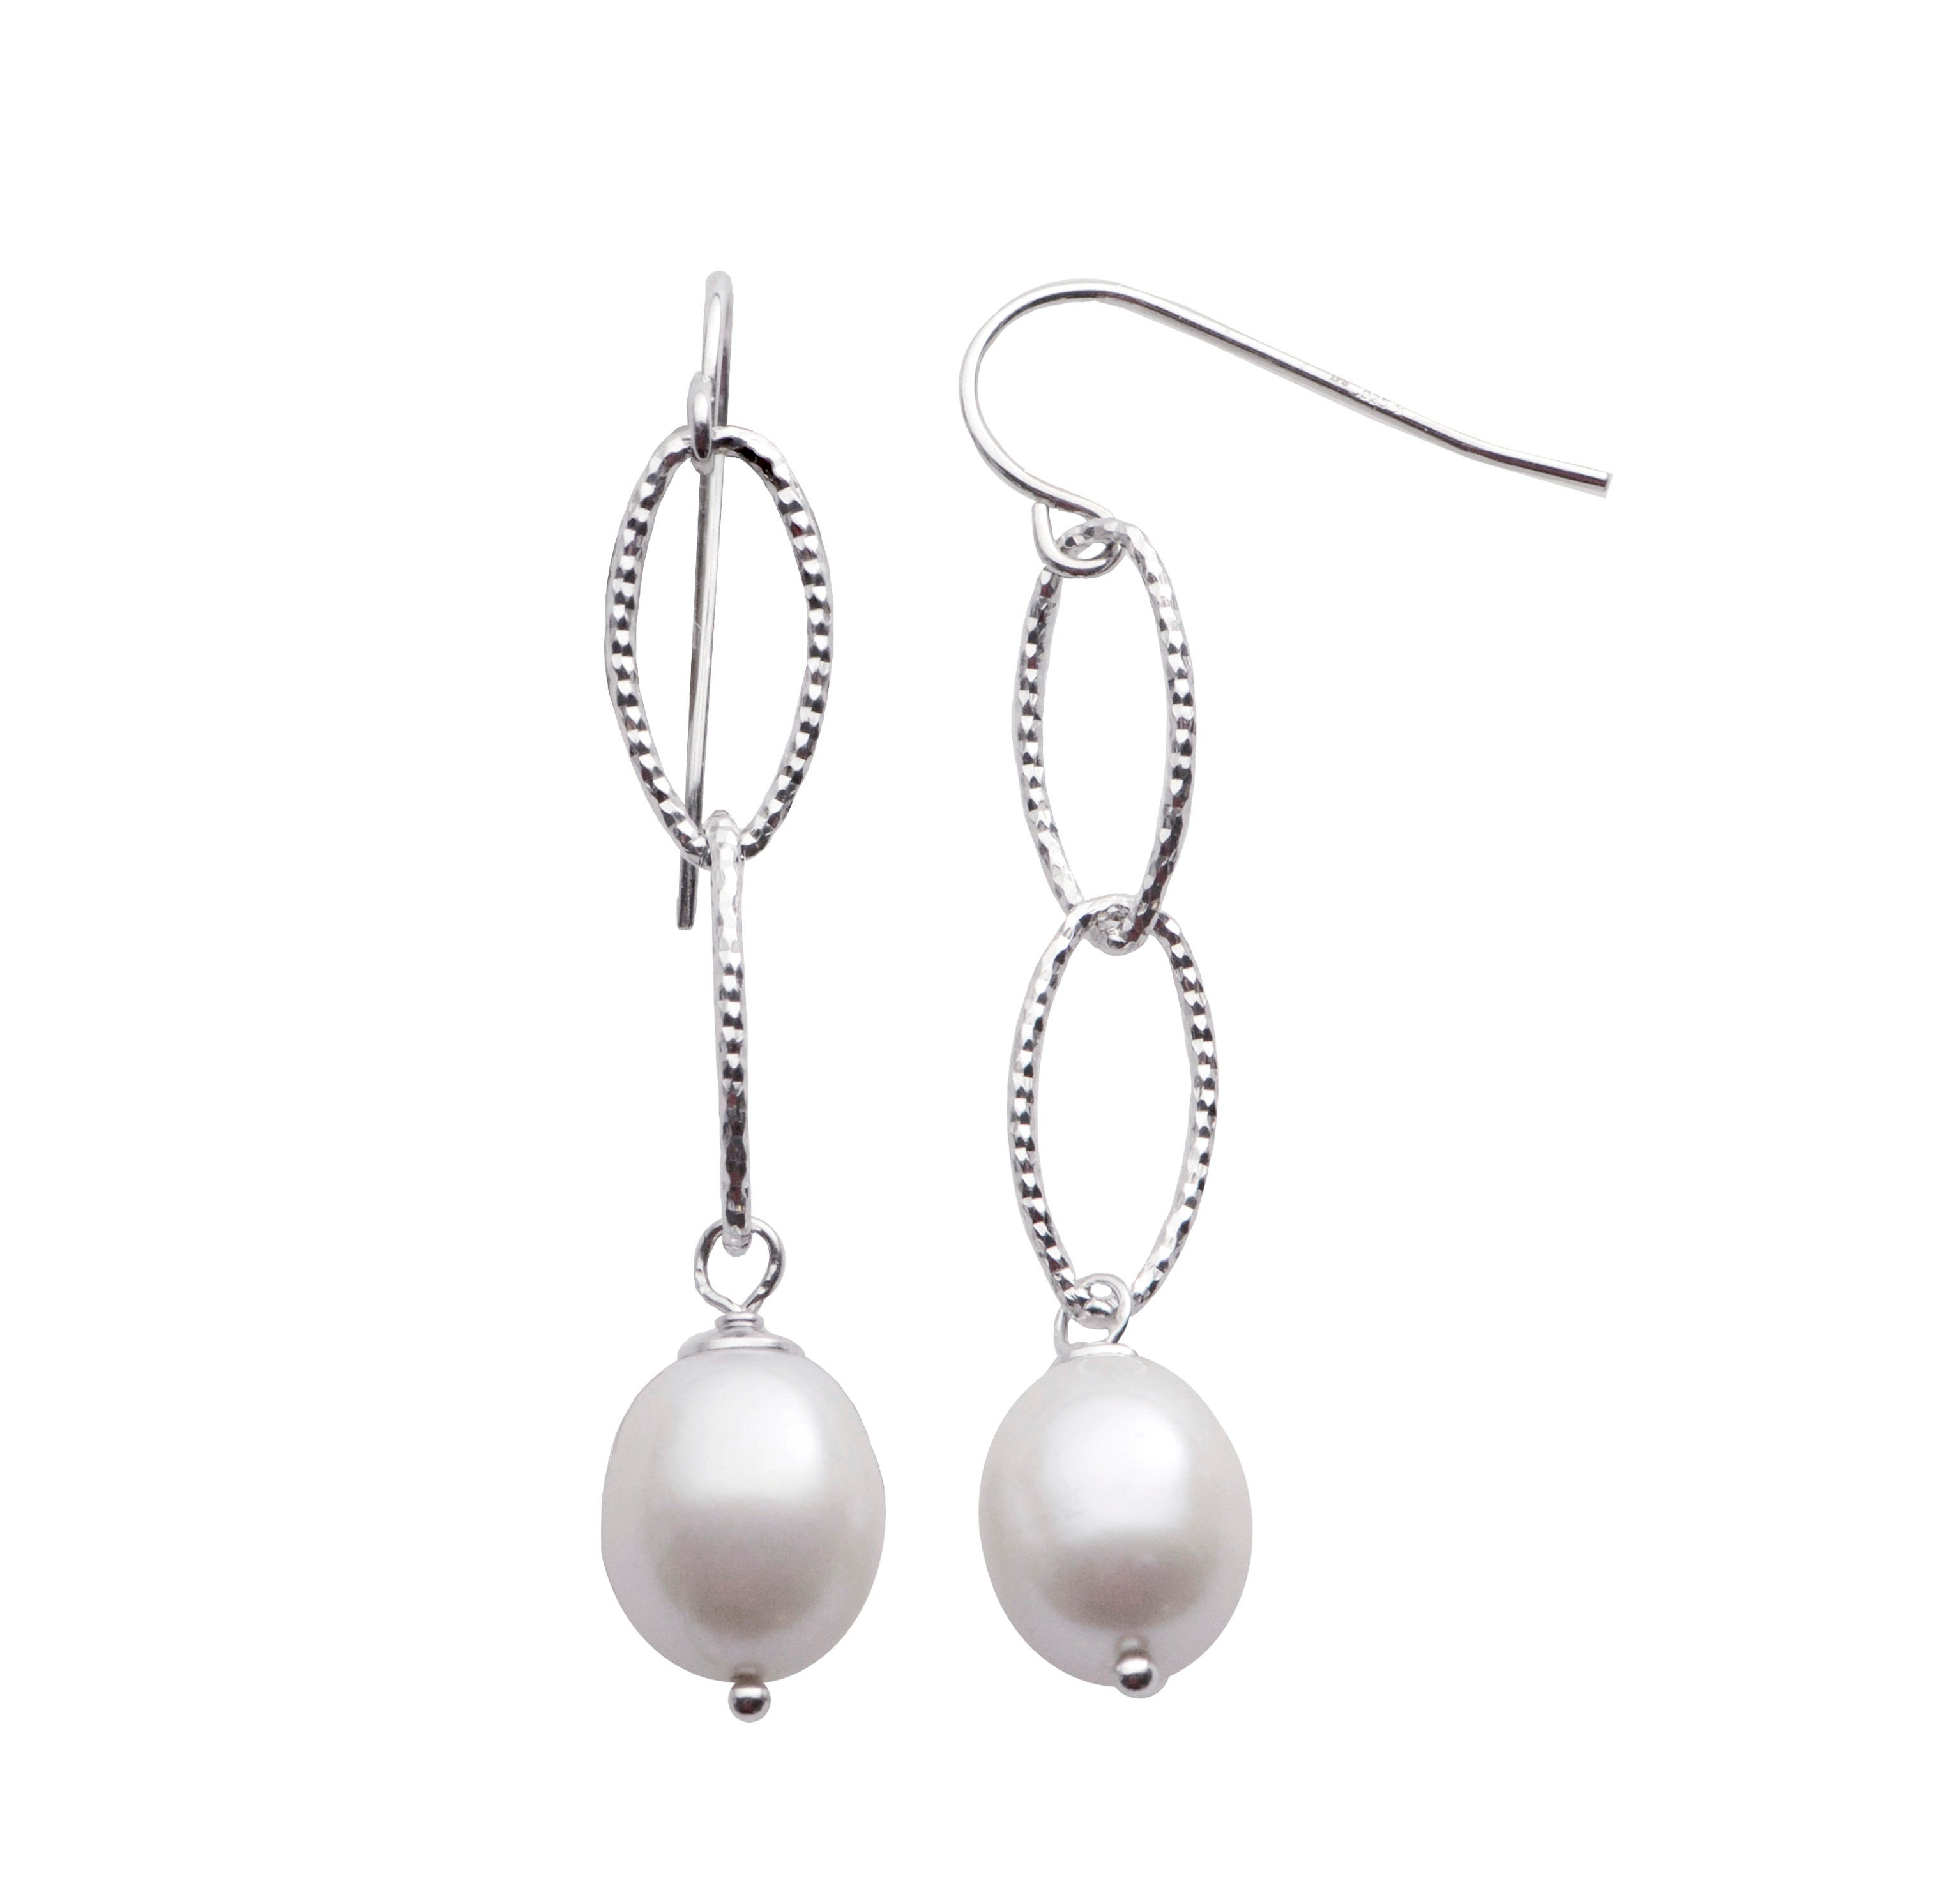 Freshwater Pearl Oval Dangle Earrings in Sterling Silver